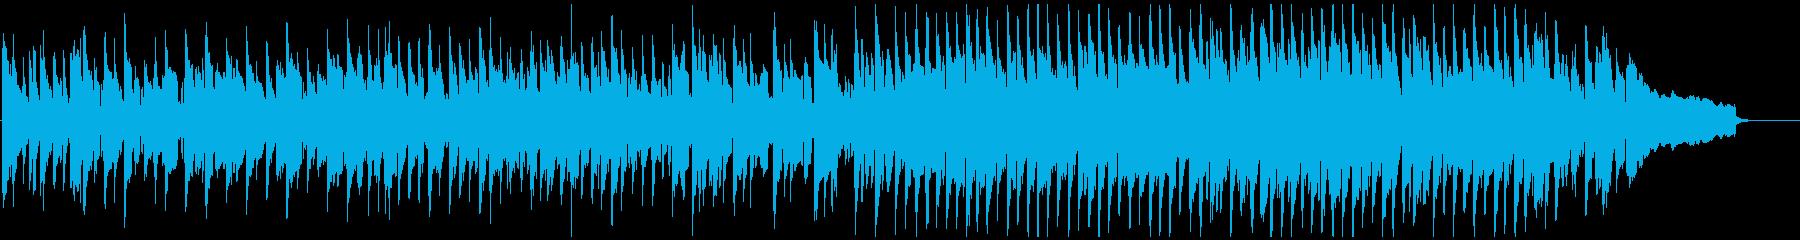 明るいリコーダー、軽快な跳ねるリズムの再生済みの波形